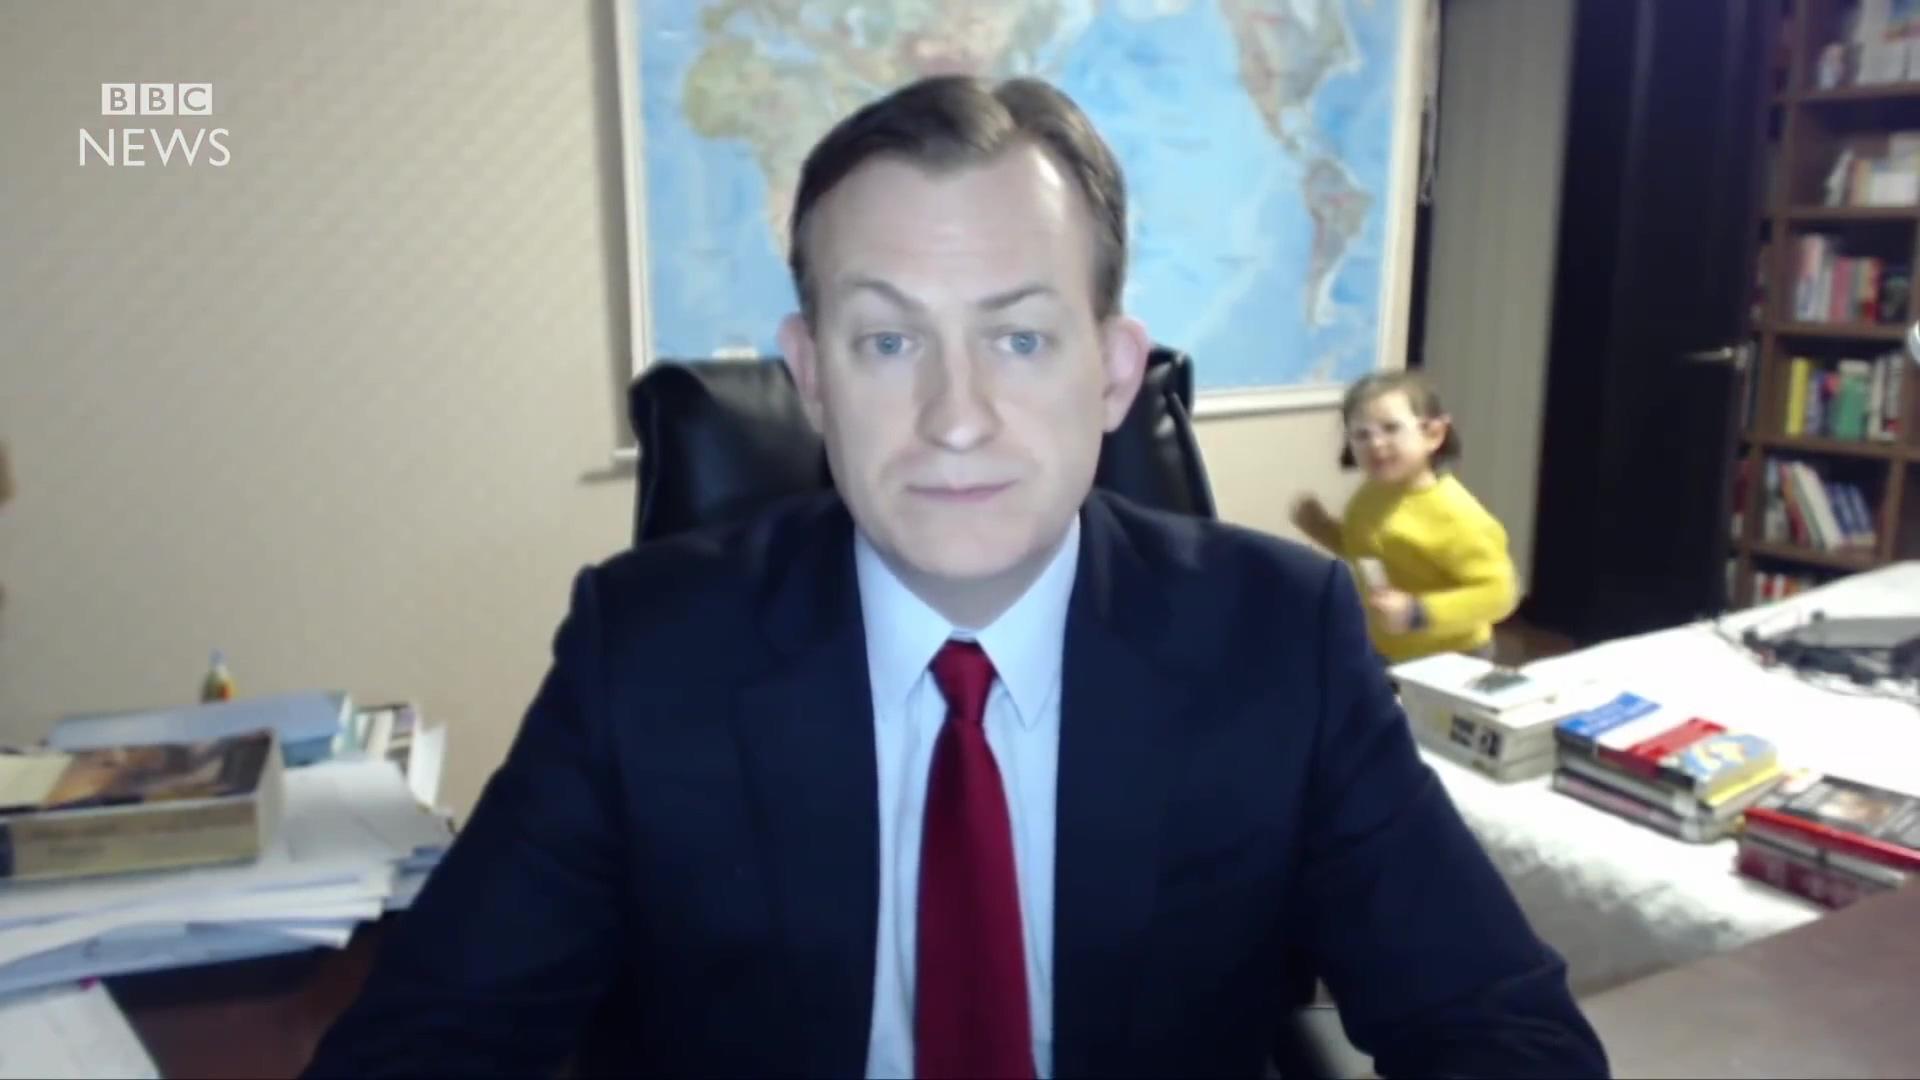 BBC News – Children Photobomb Presenter